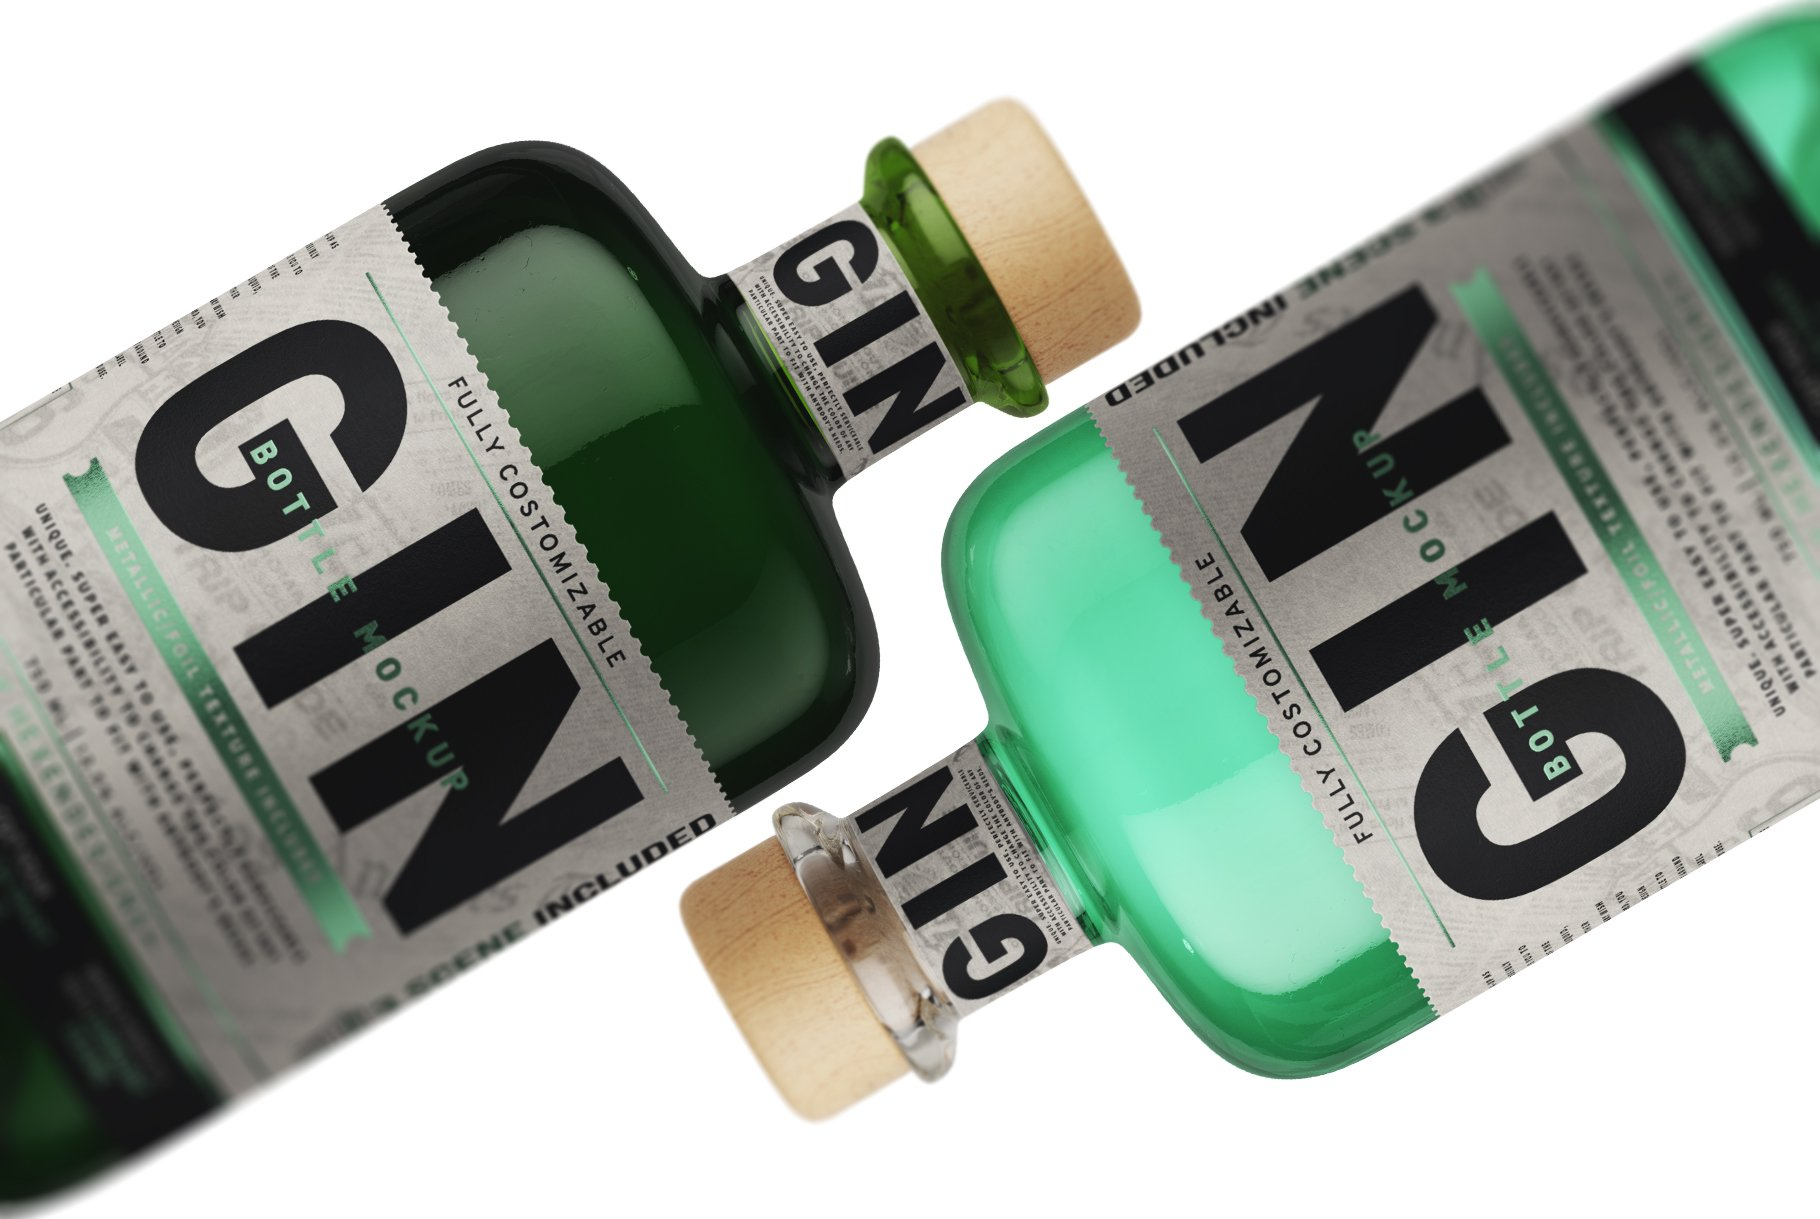 杜松子玻璃酒瓶标签设计展示样机模板 Gin Bottle Mockup插图(4)